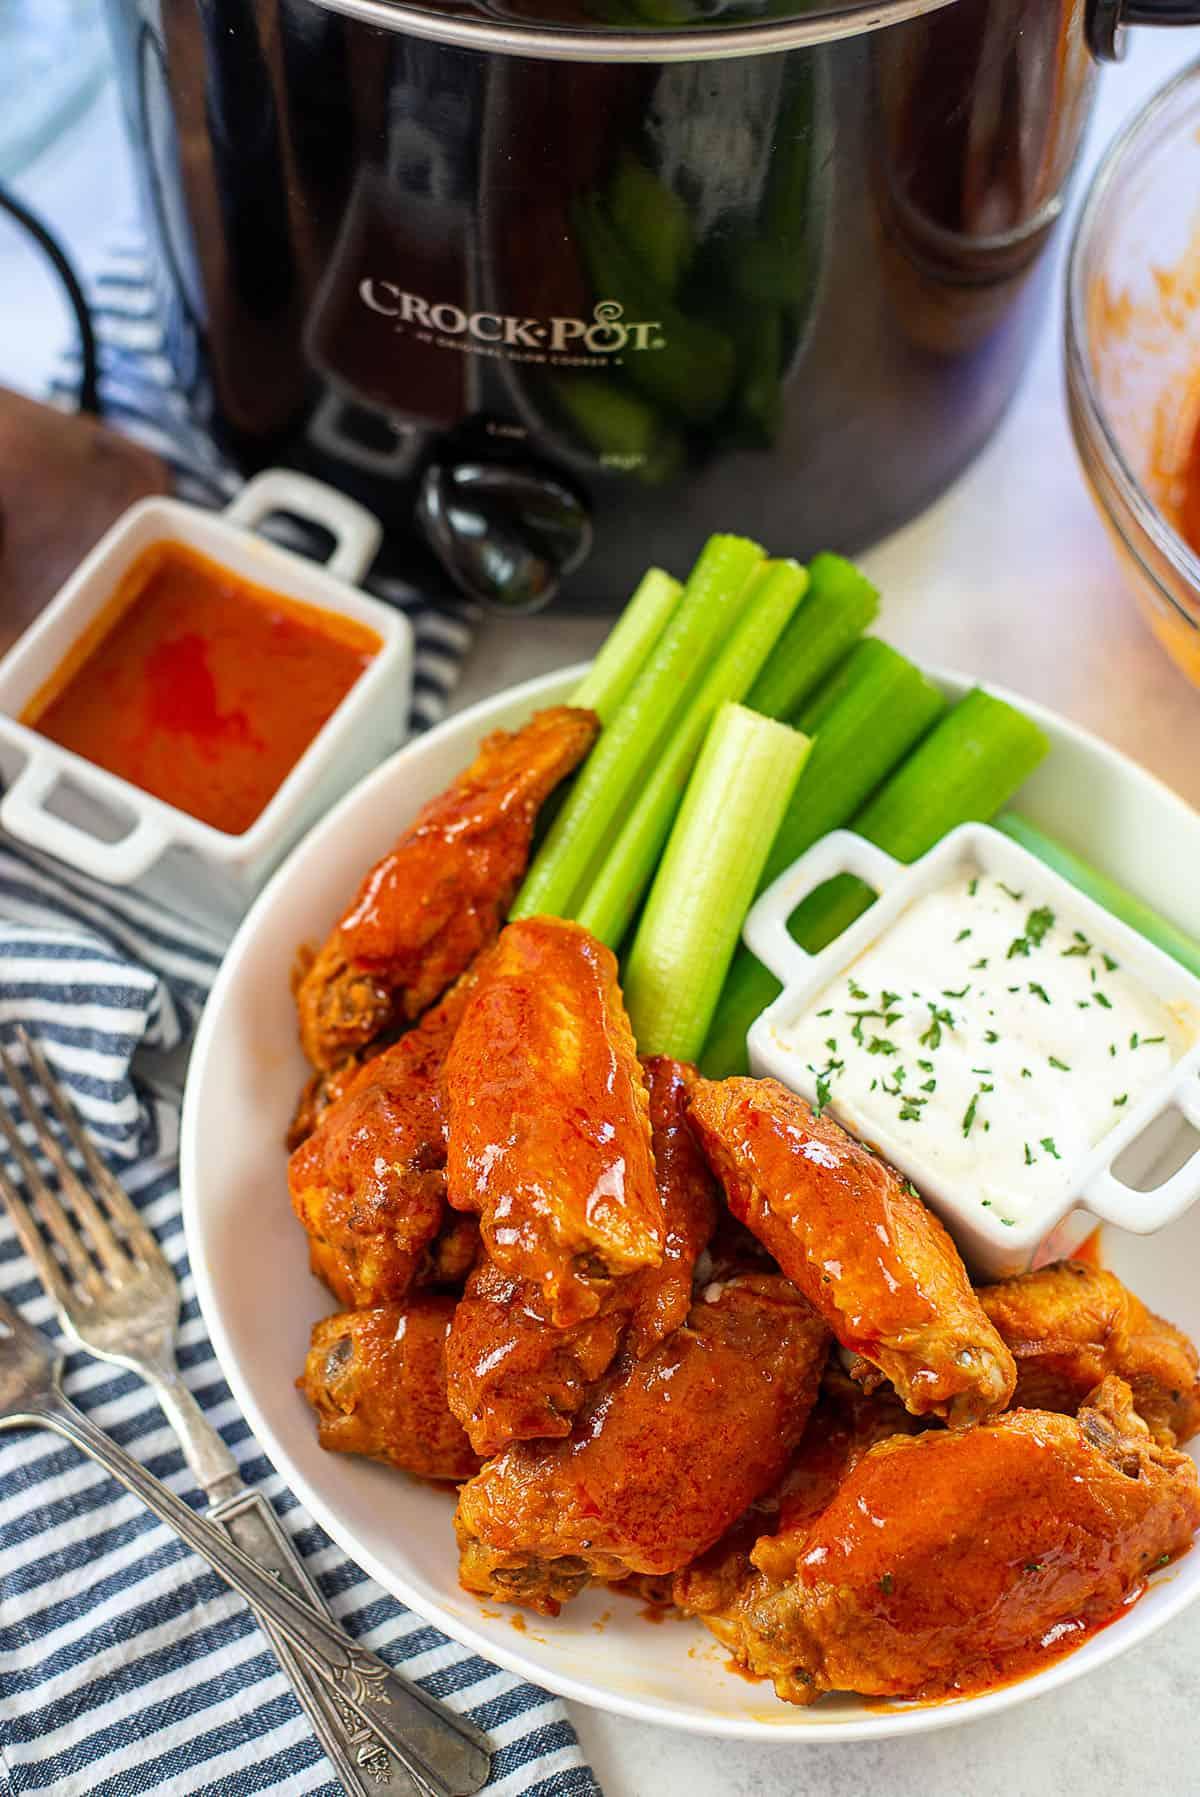 crockpot buffalo chicken wings piled in bowl.